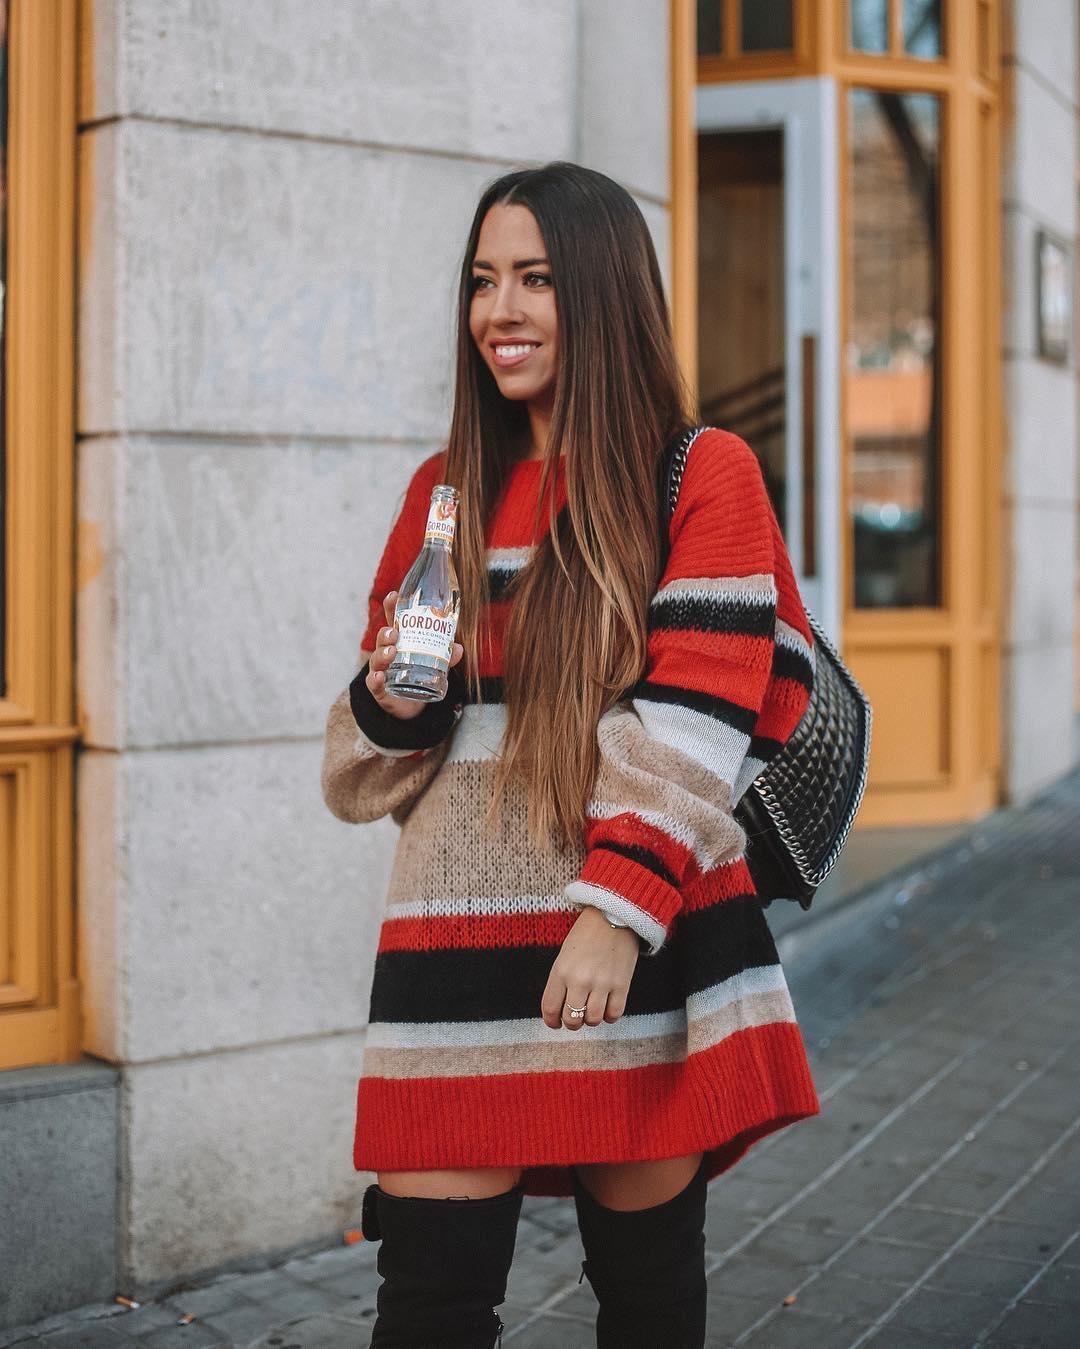 sac bandoulière avec chaîne gravée de Zara sur lorenagodoy